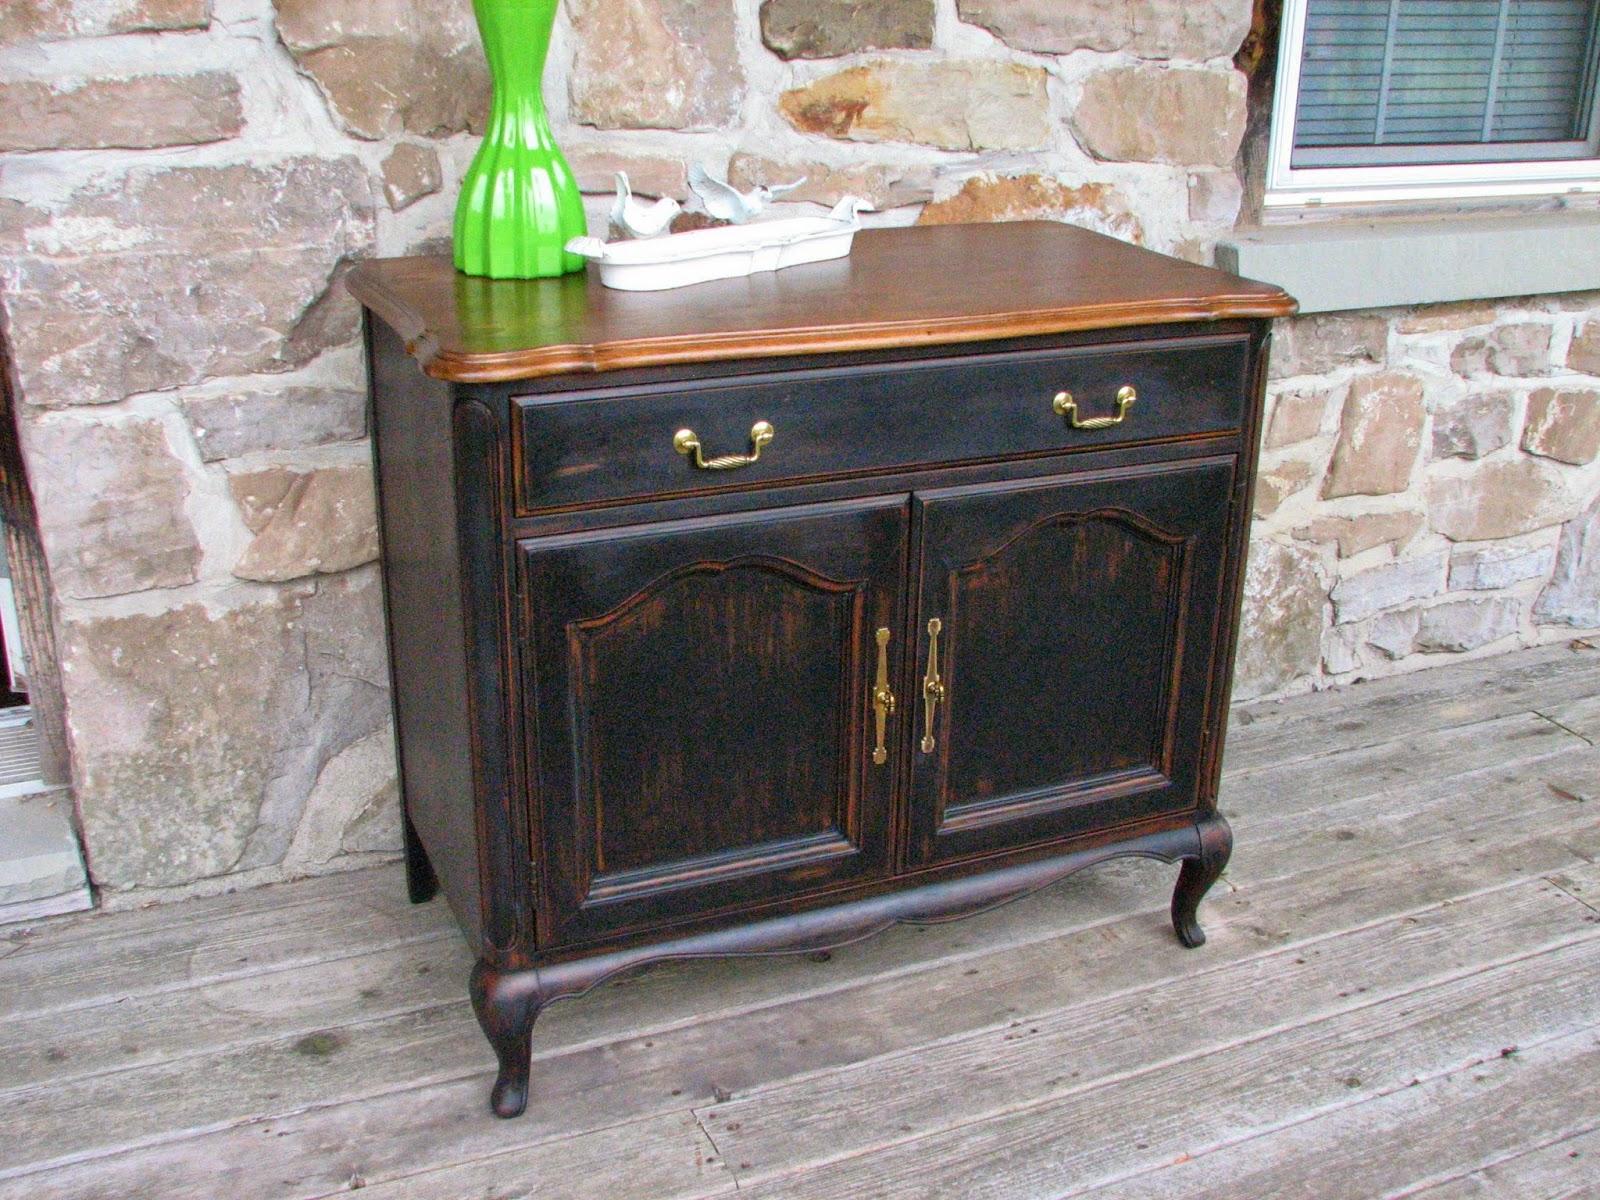 Laurel s attic black gibbard sideboard sold